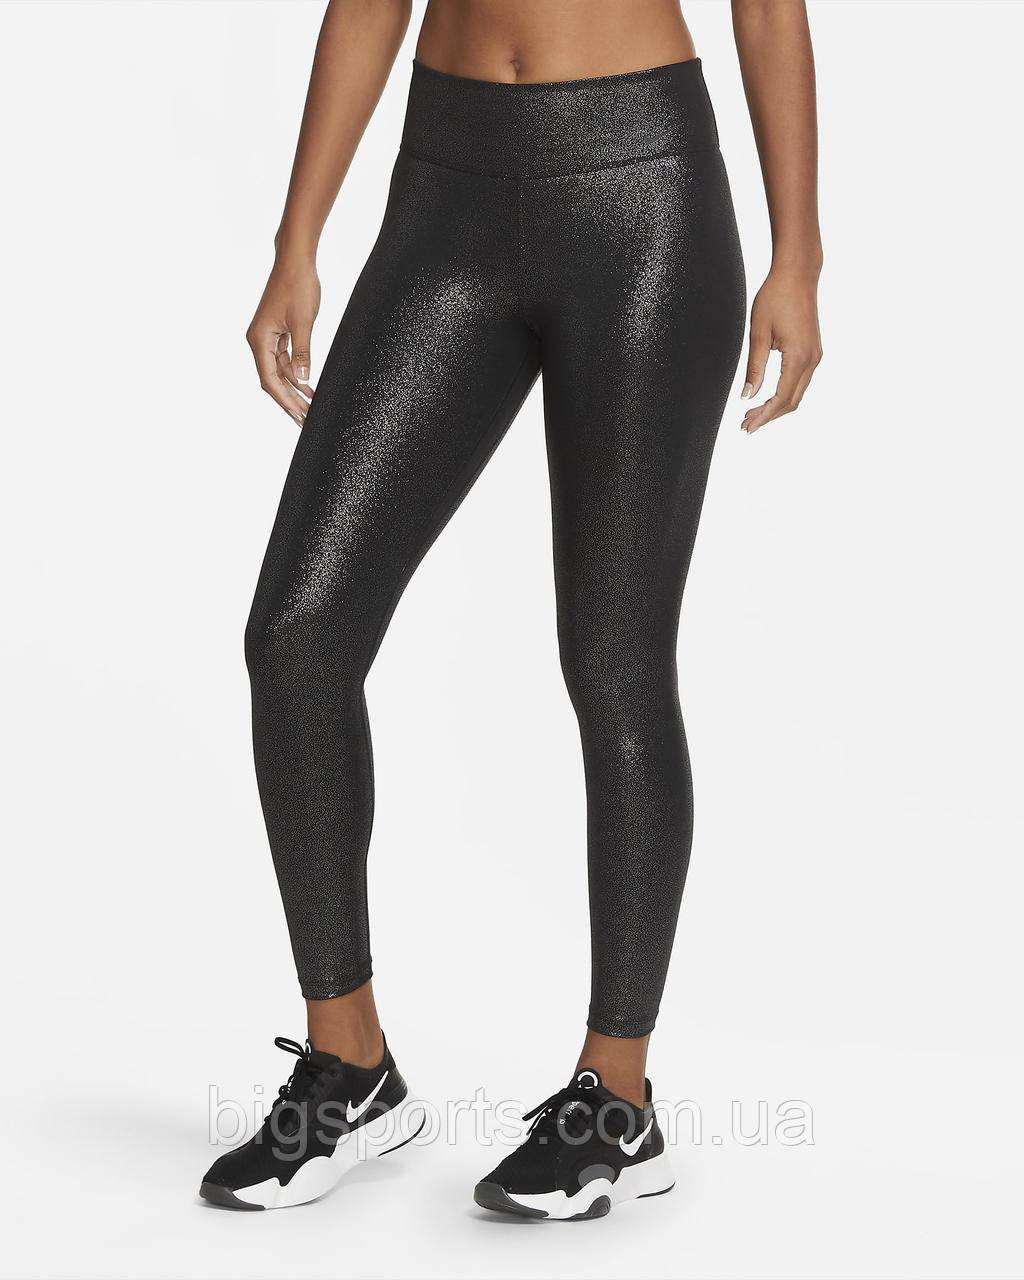 Лосины жен. Nike W One Tght 7/8 Pp1 Spark (арт. CU5952-010)